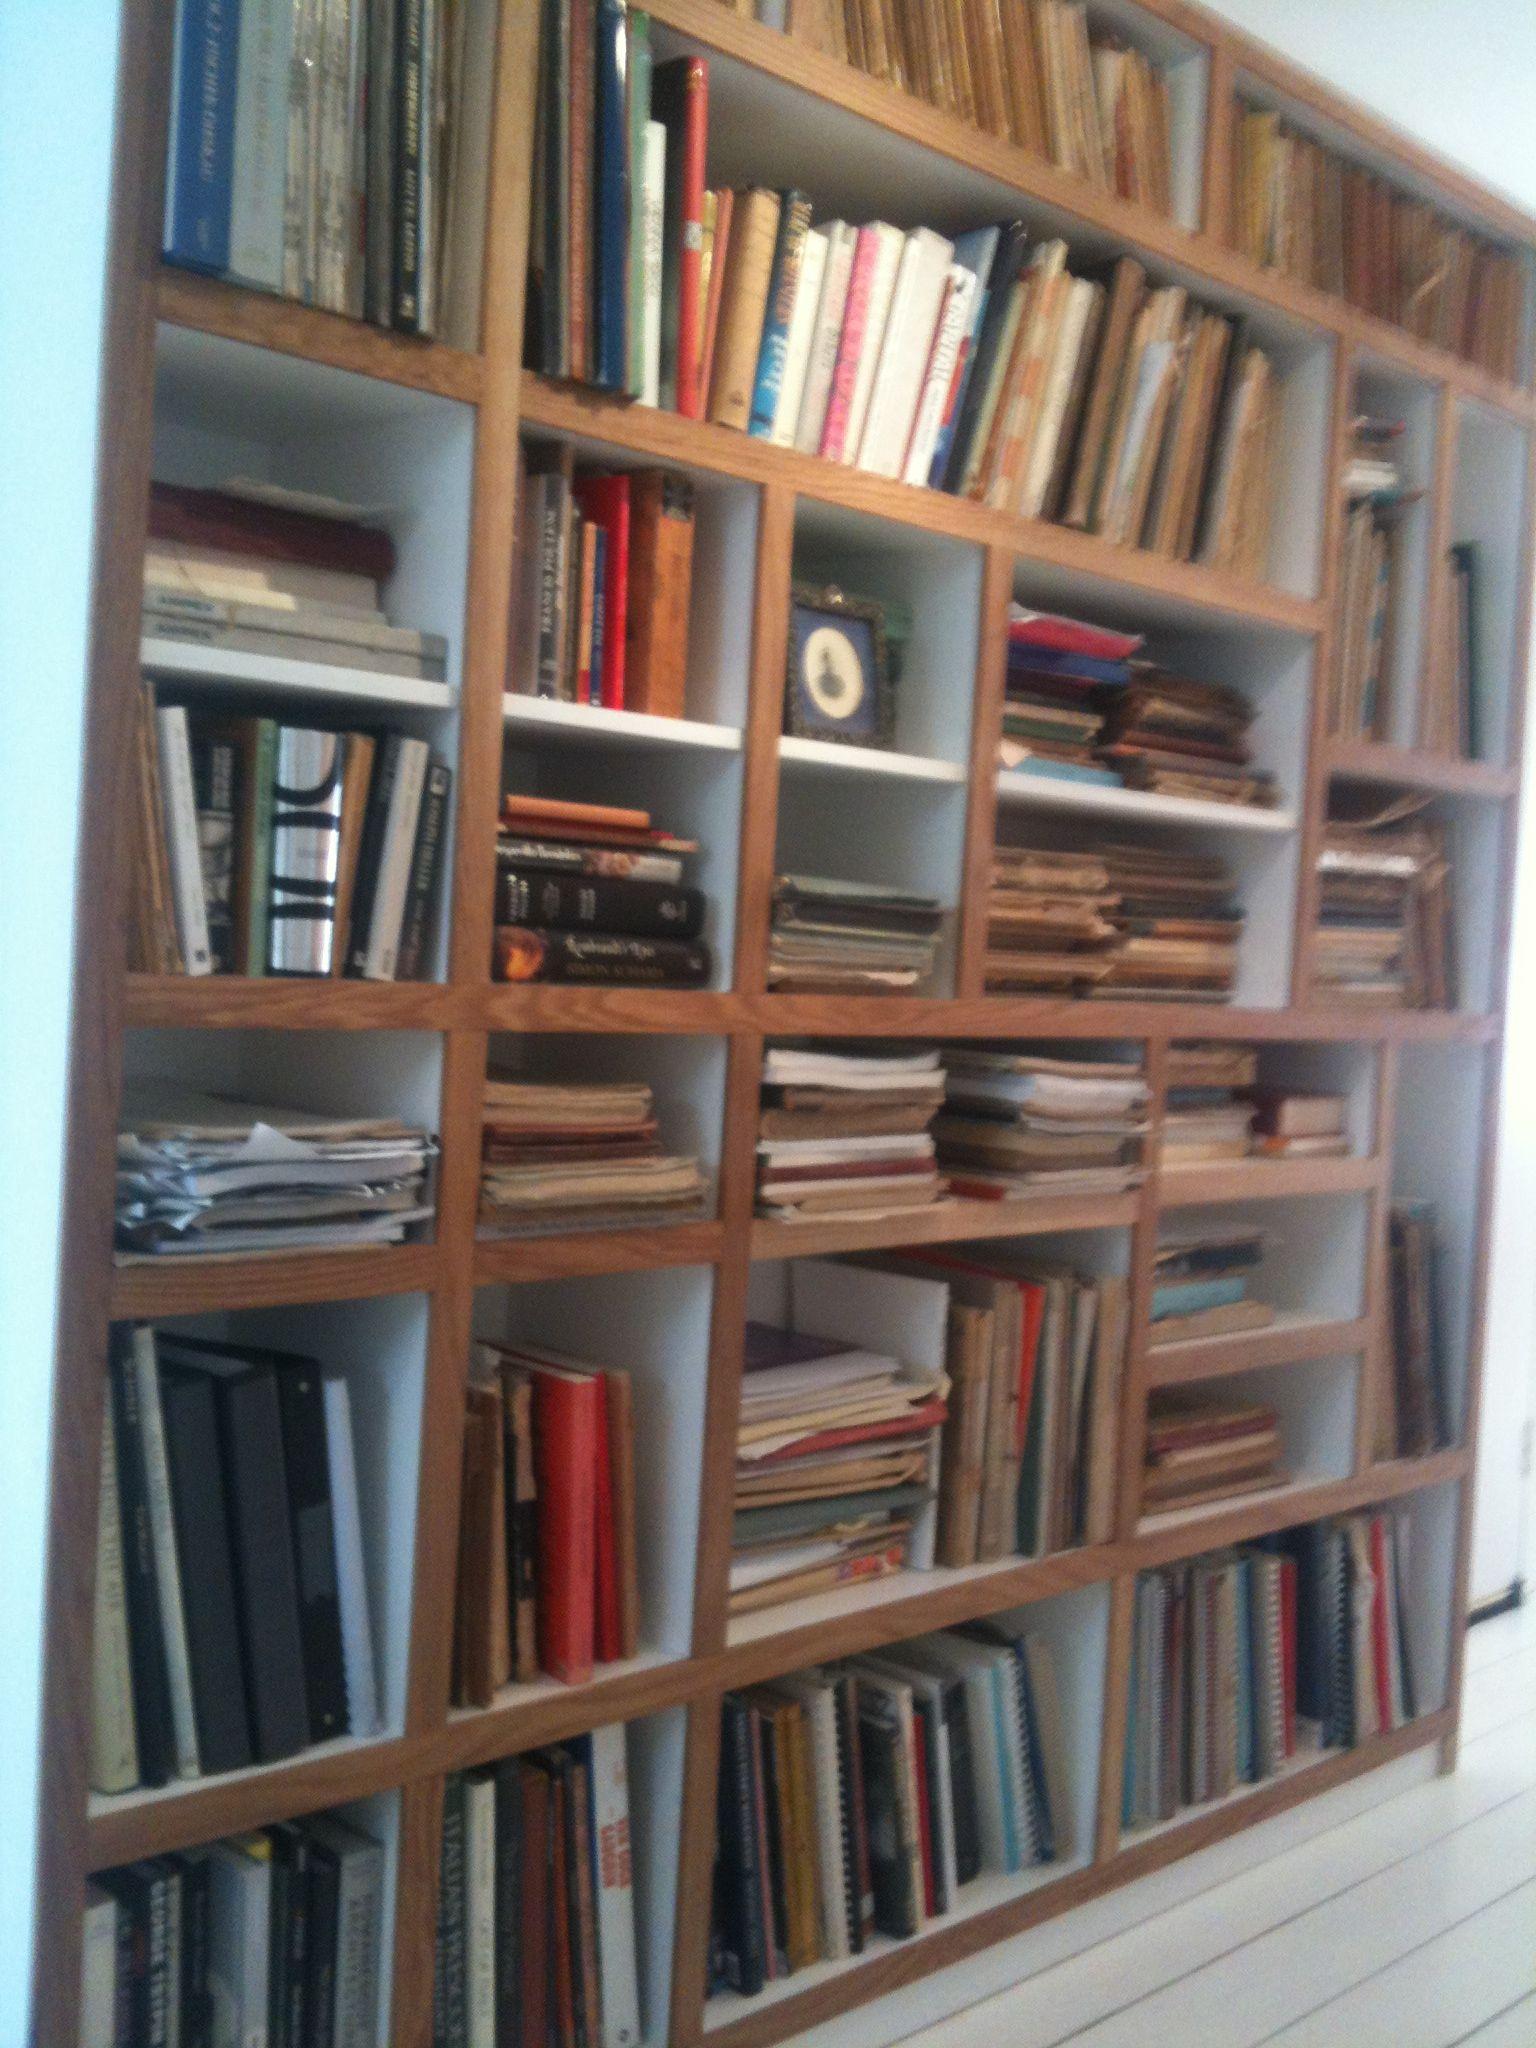 Irregular Bookshelves In Mr Mdf And European Oak